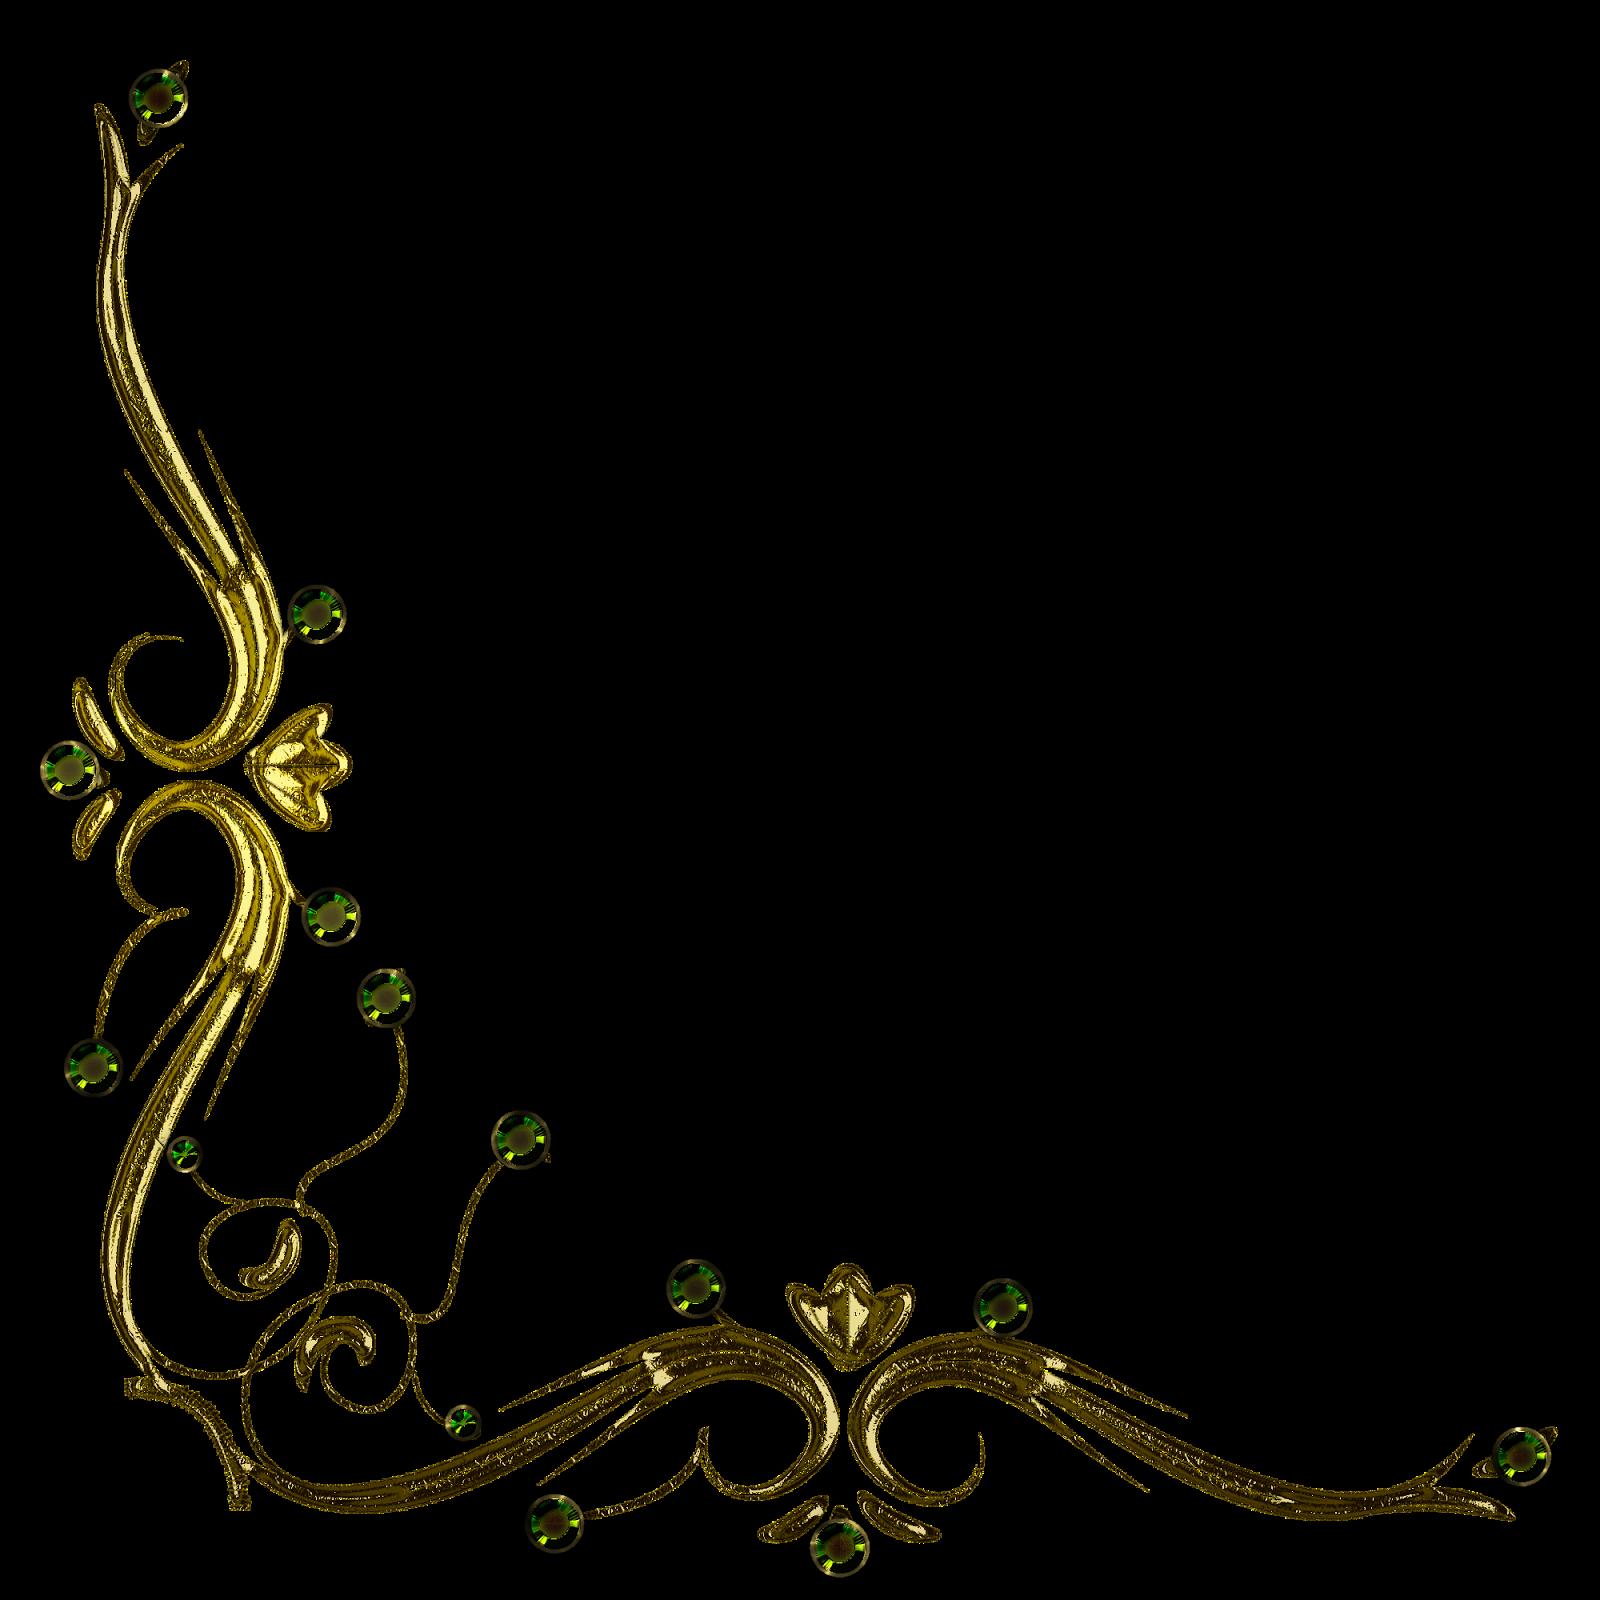 Bordes dorados png 4 » PNG Image.